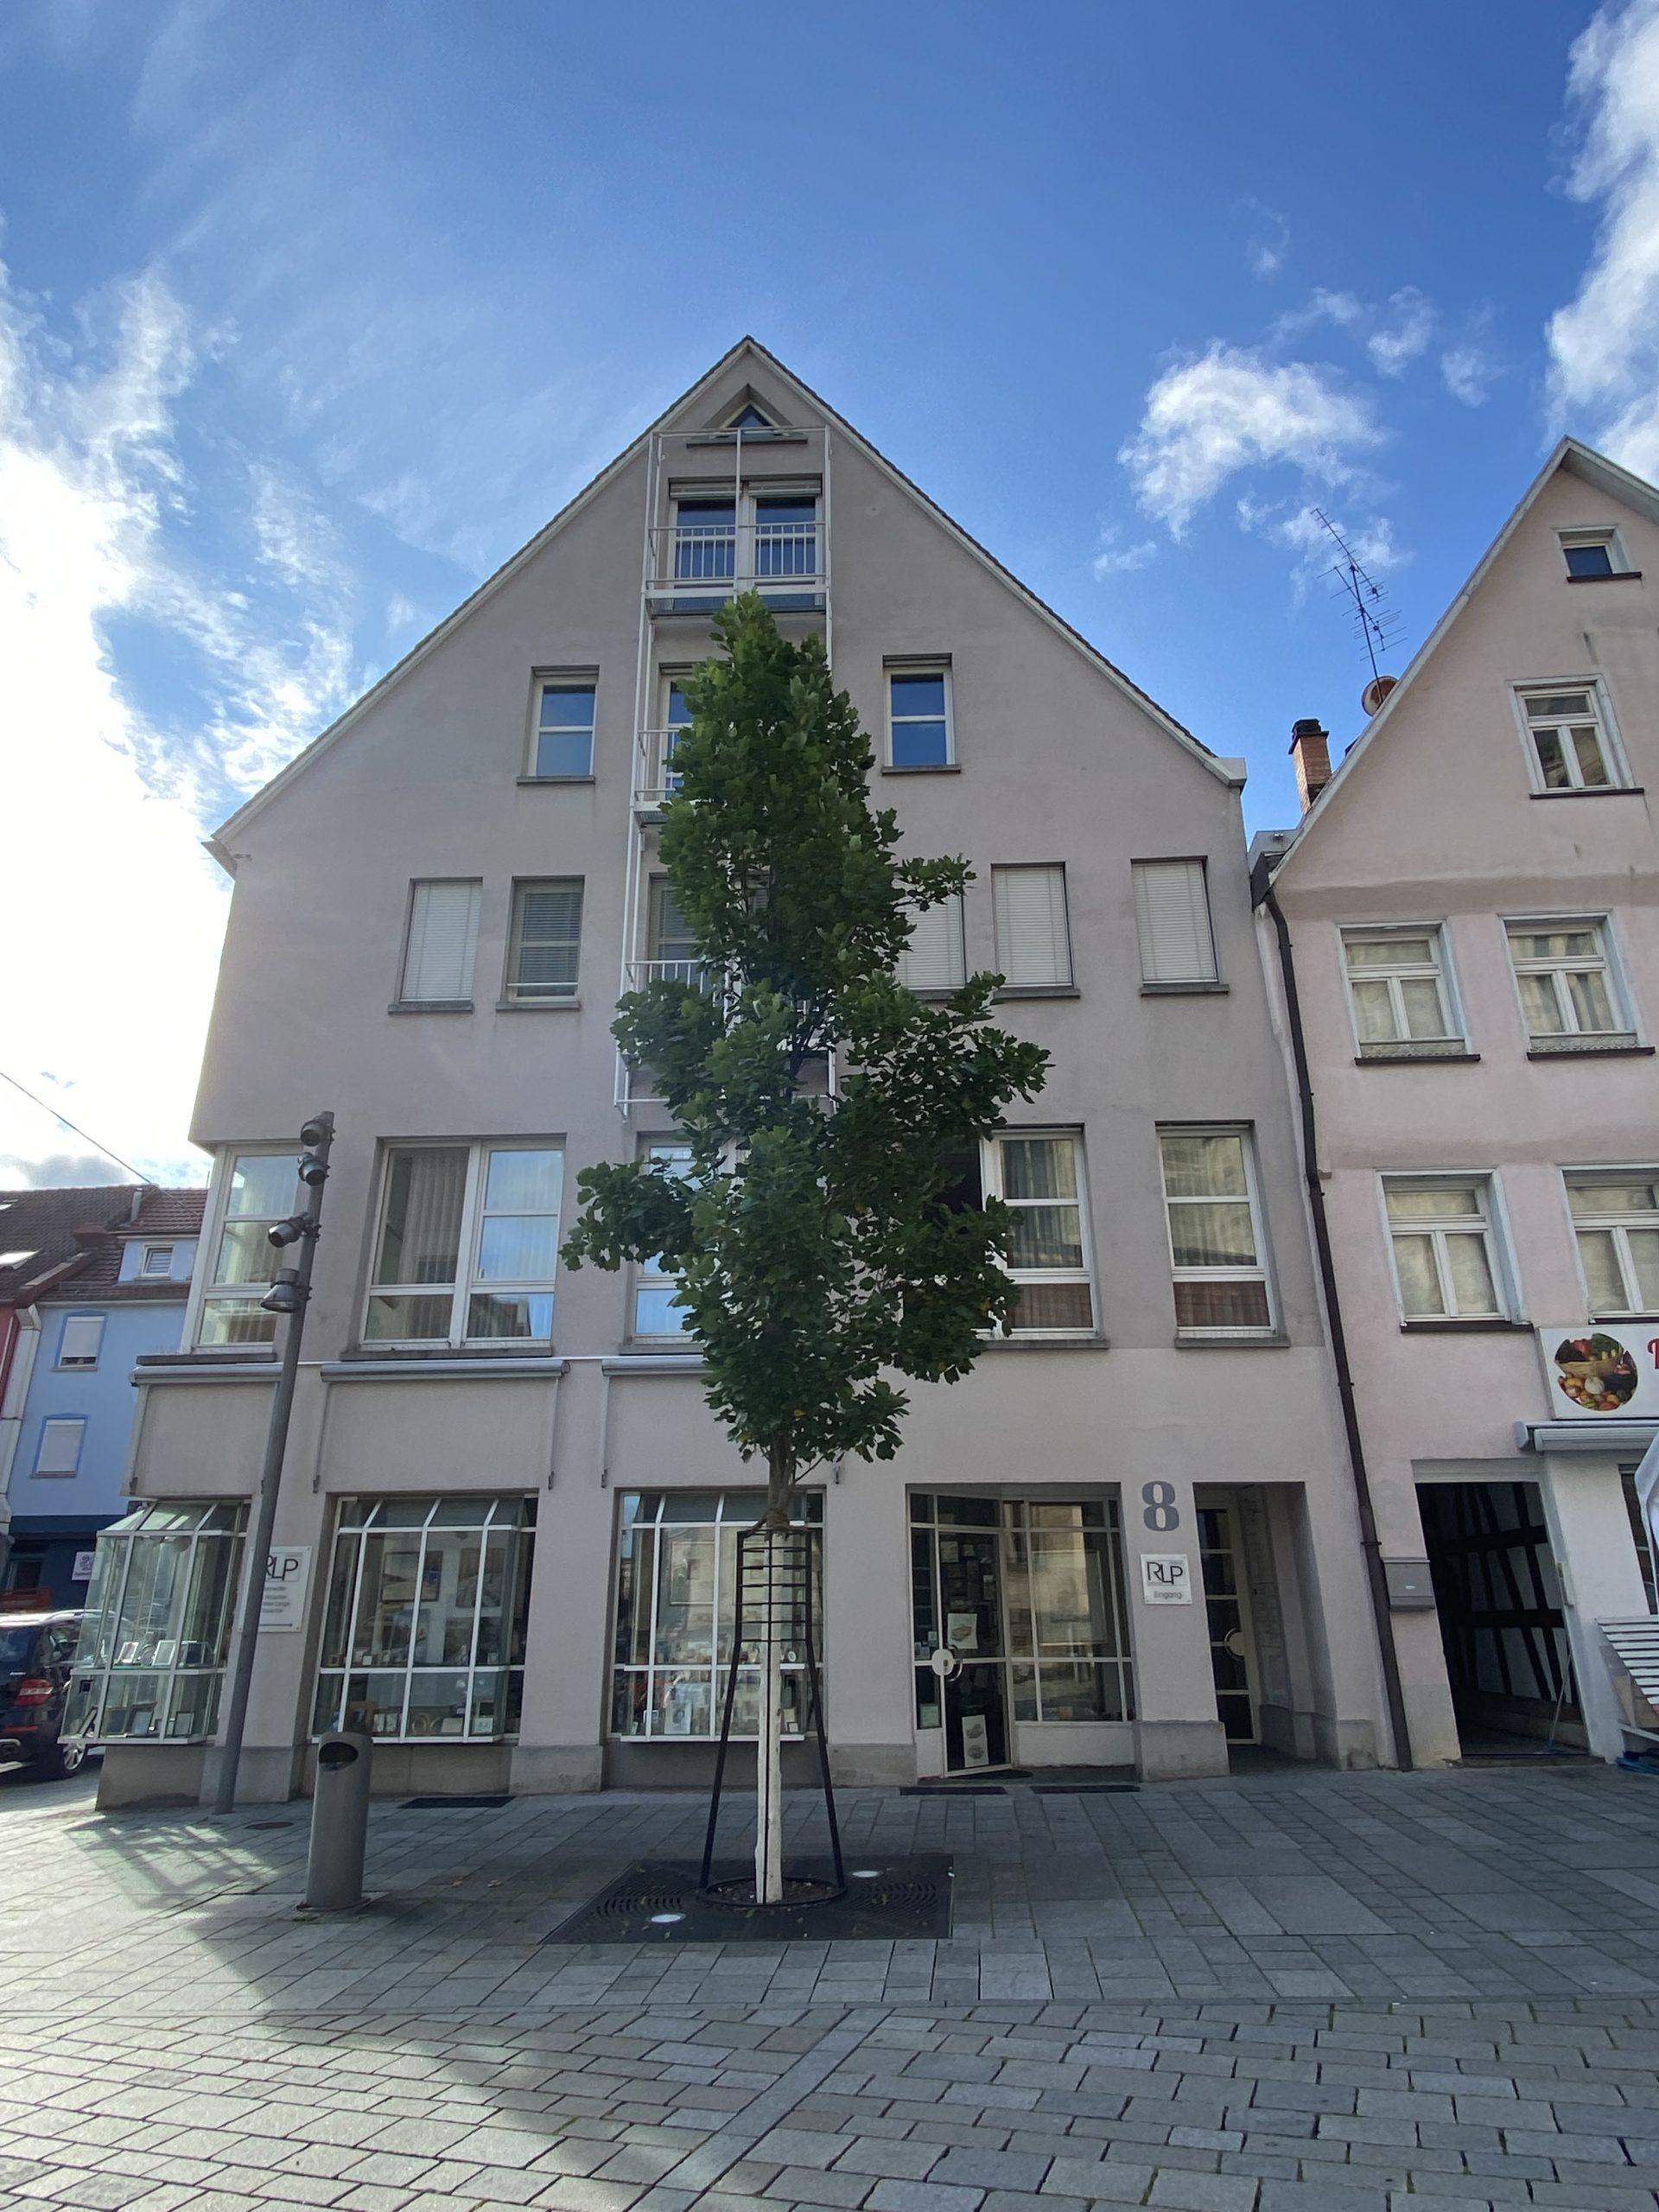 3-Zimmer-Wohnung – Weibermarkt 8, Reutlingen